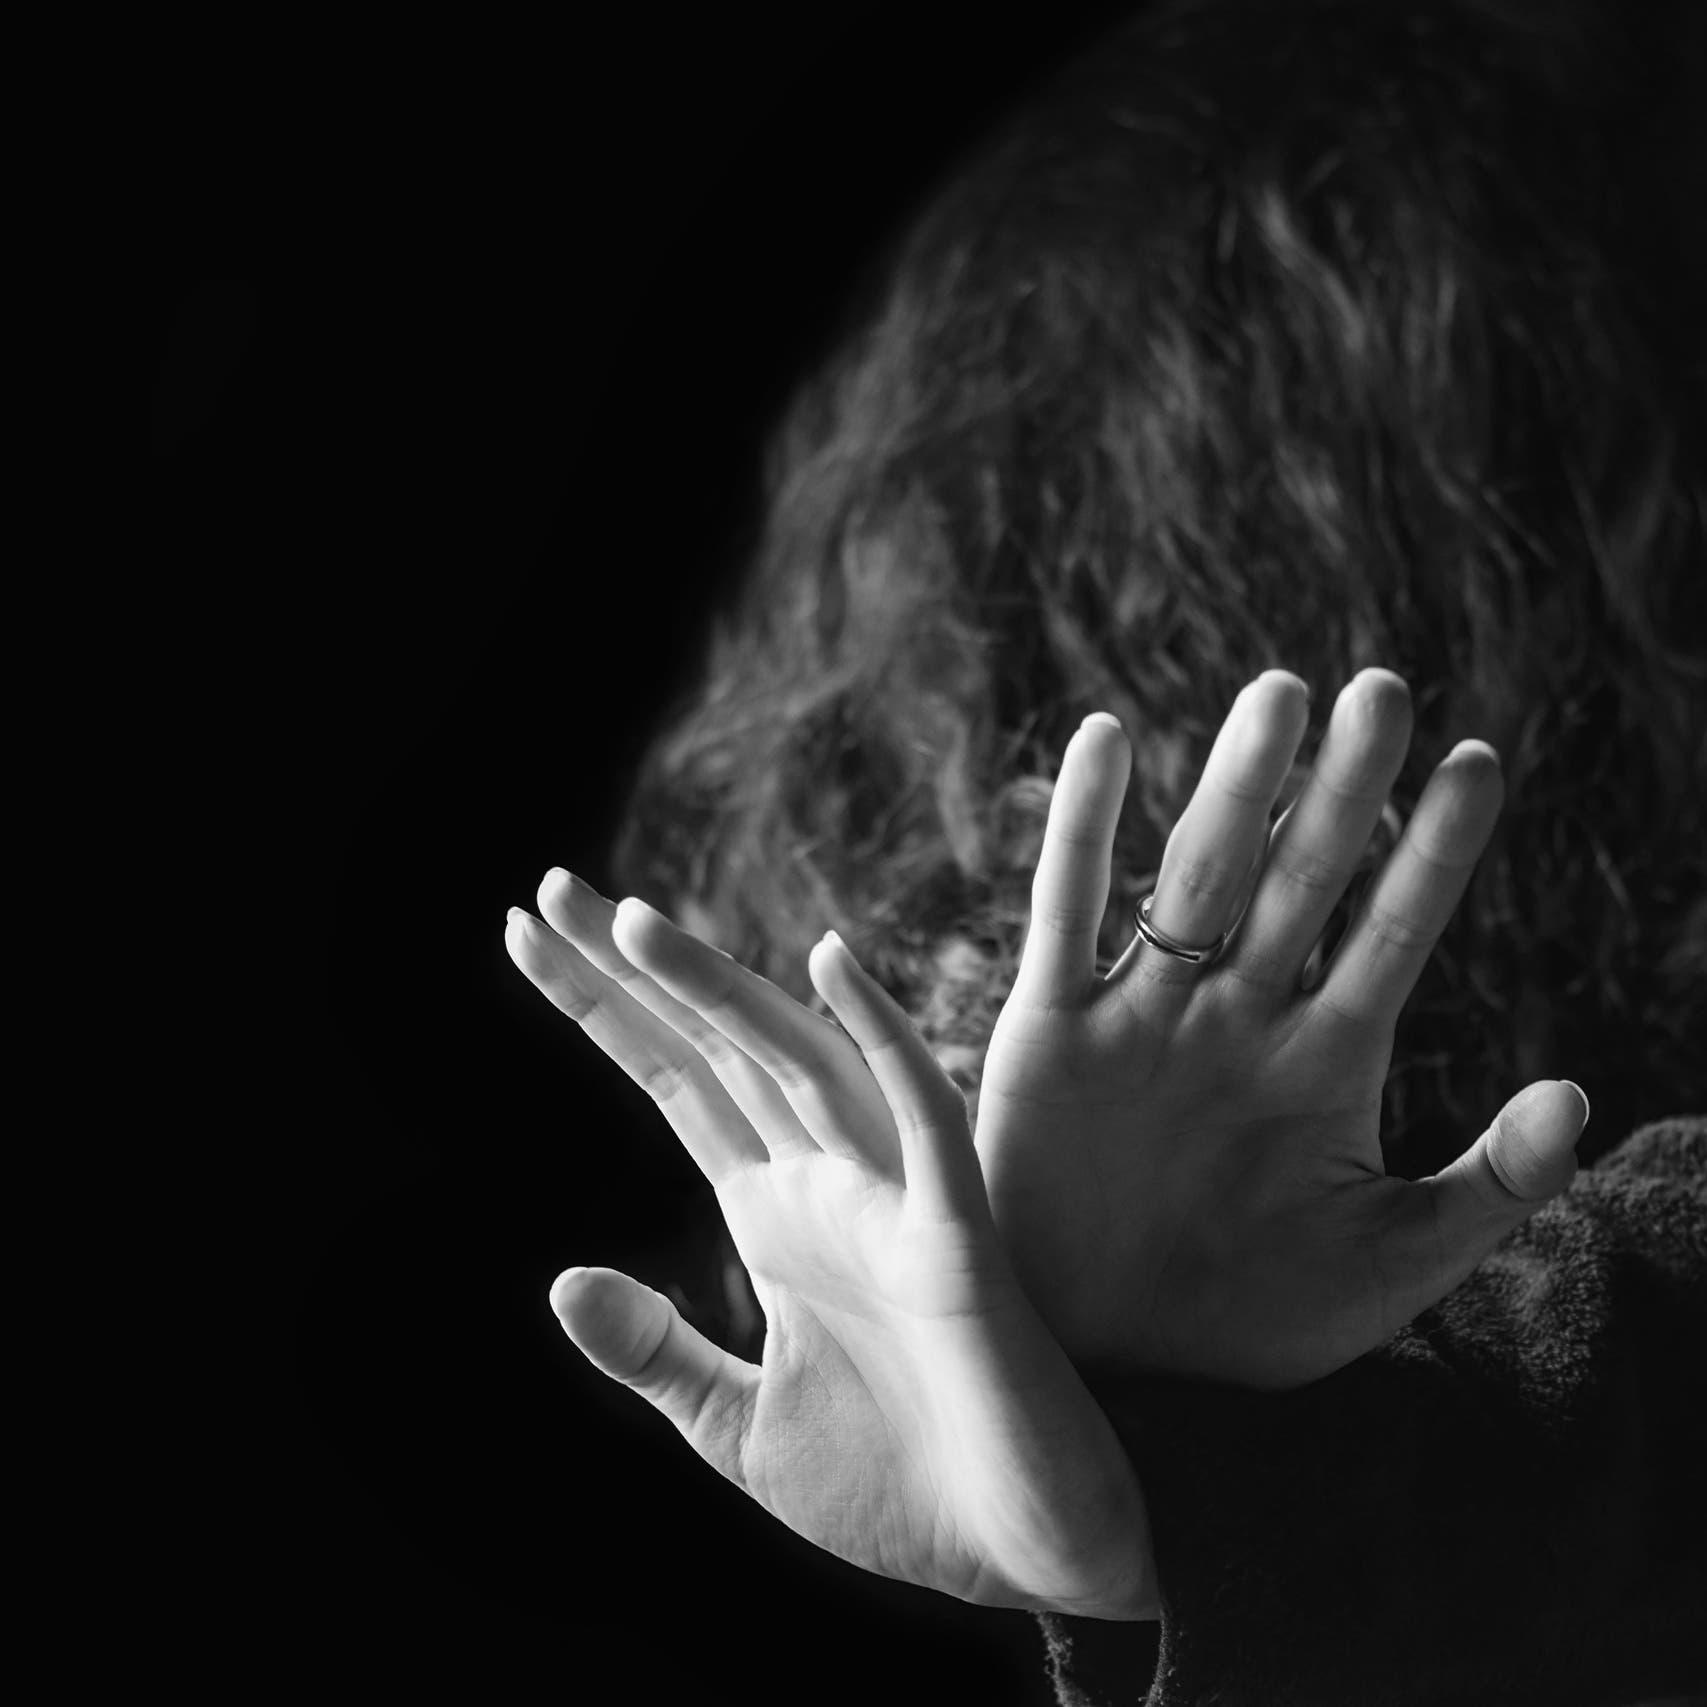 تركيا.. تصاعد العنف ضد المرأة أثناء الوباء